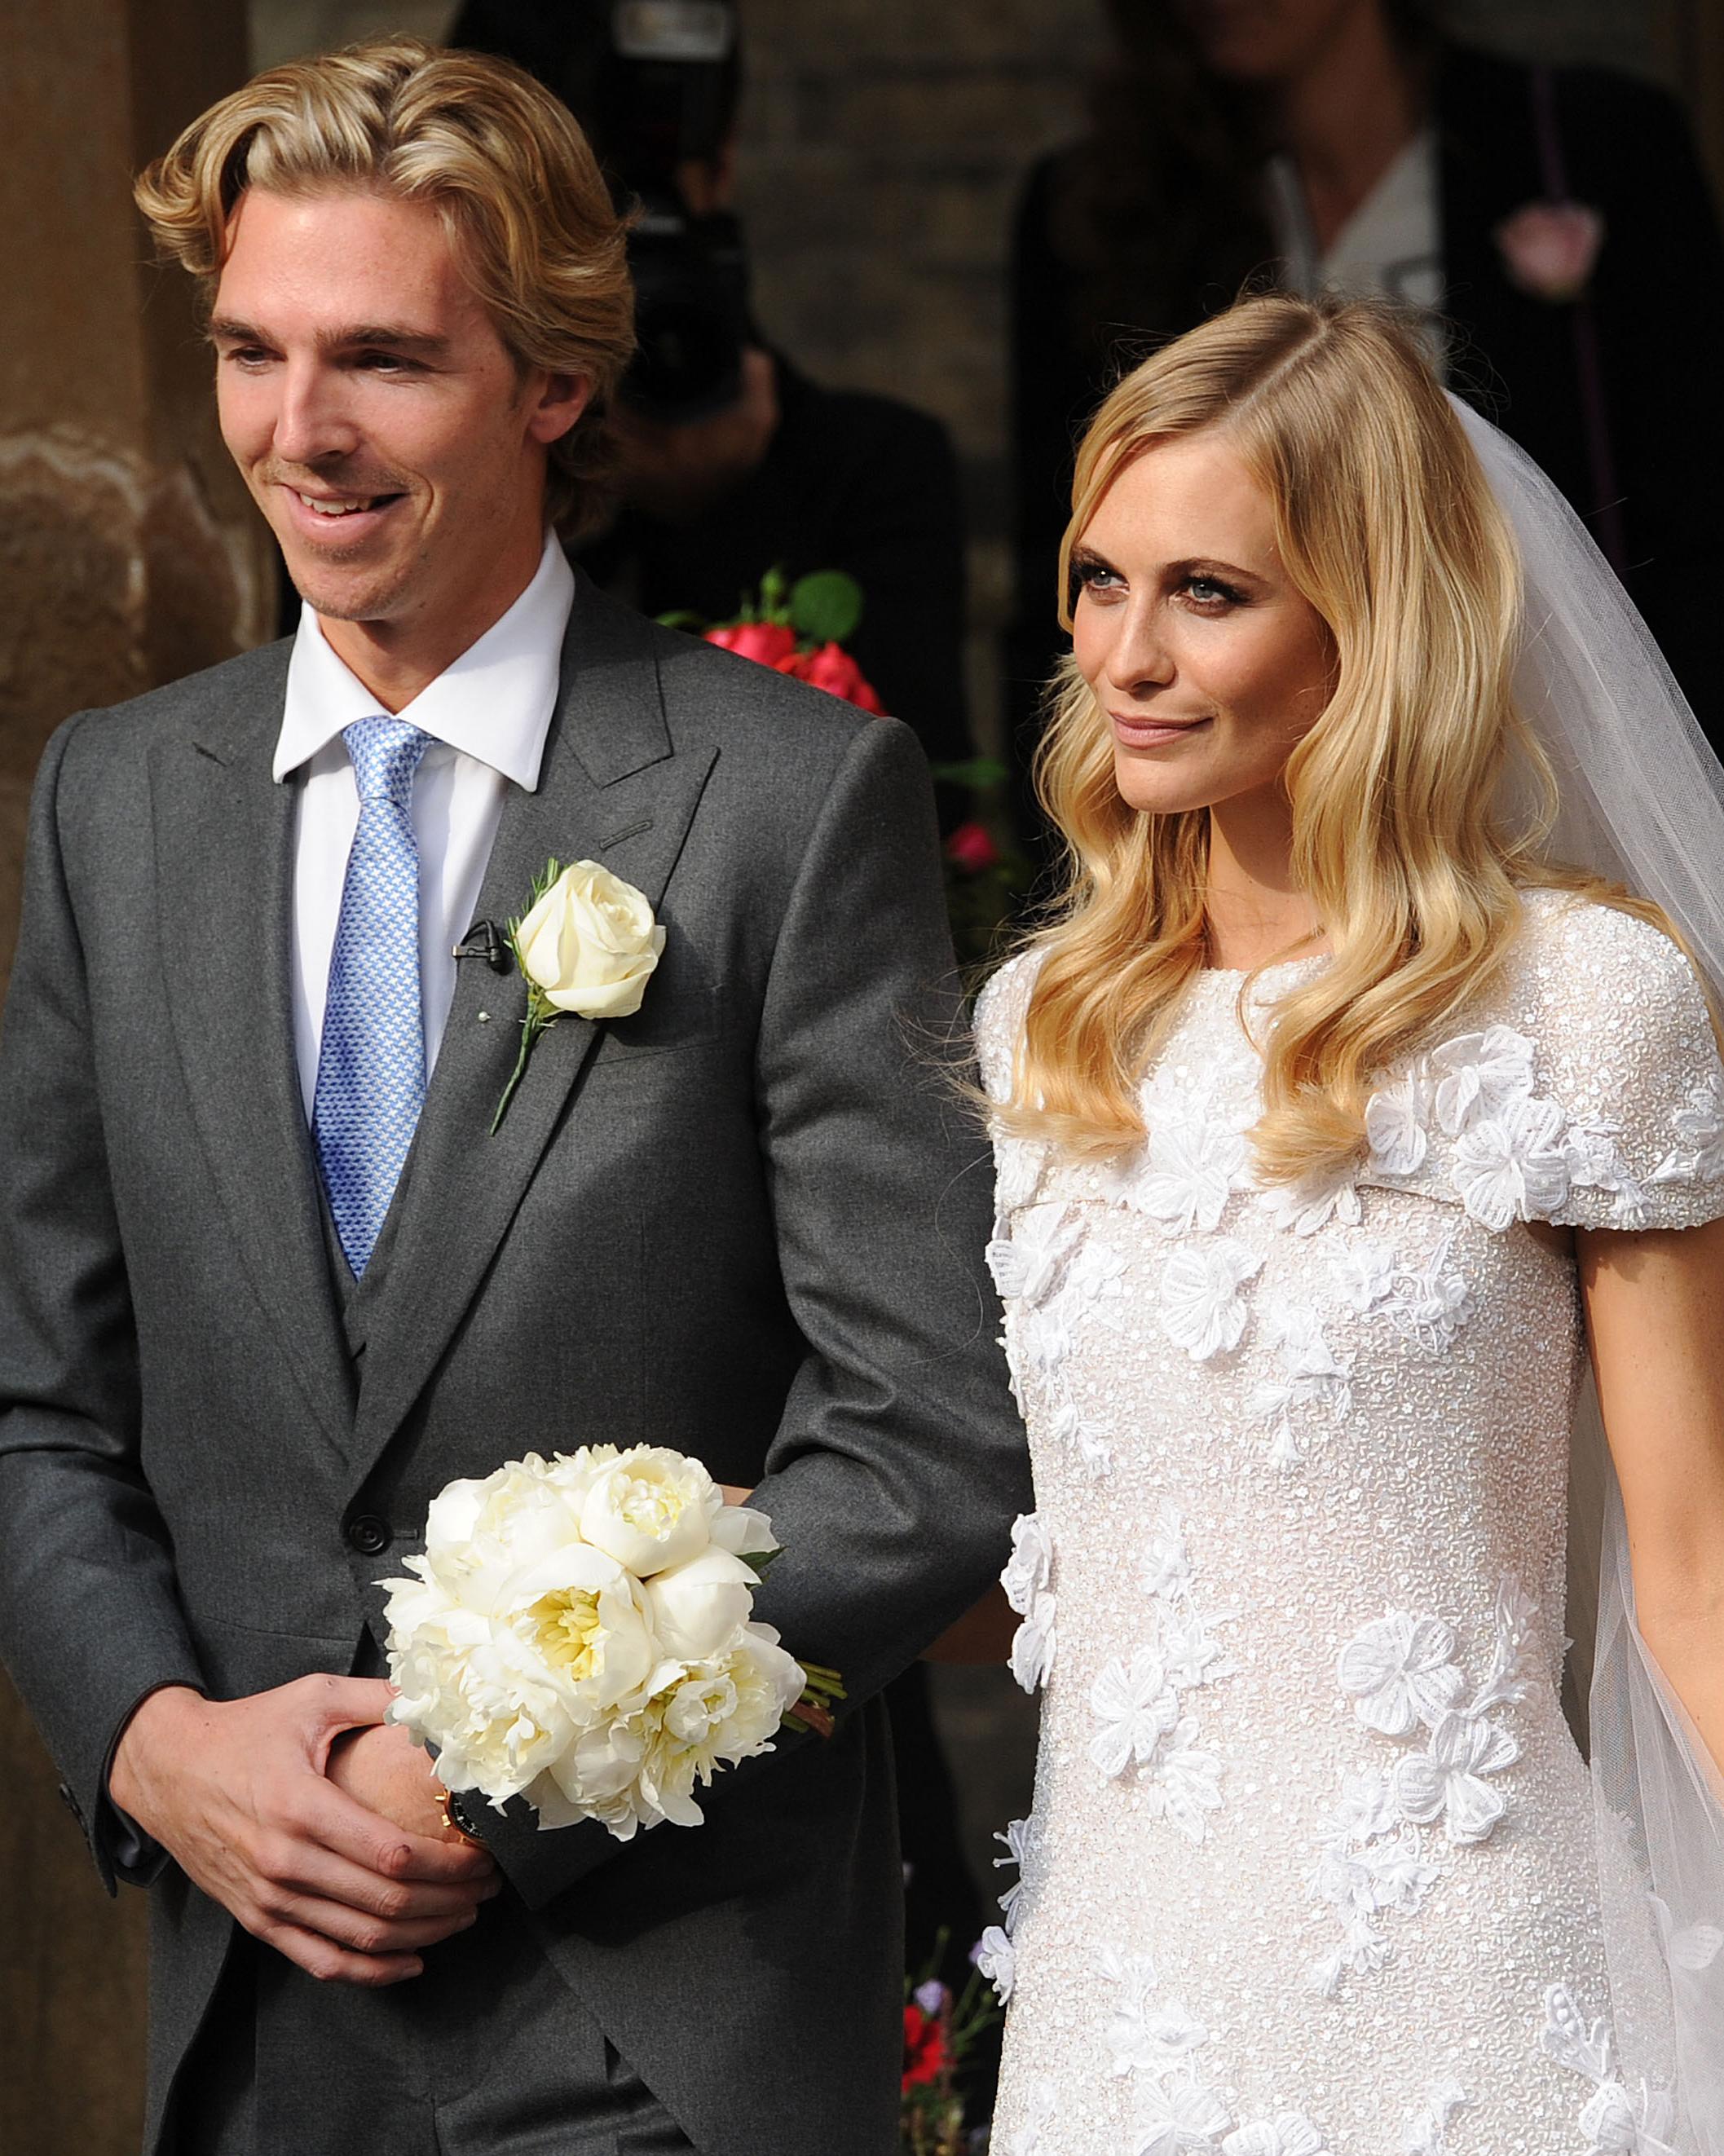 year-in-weddings-poppy-delevigne-james-cook-two-weddings-1214.jpg